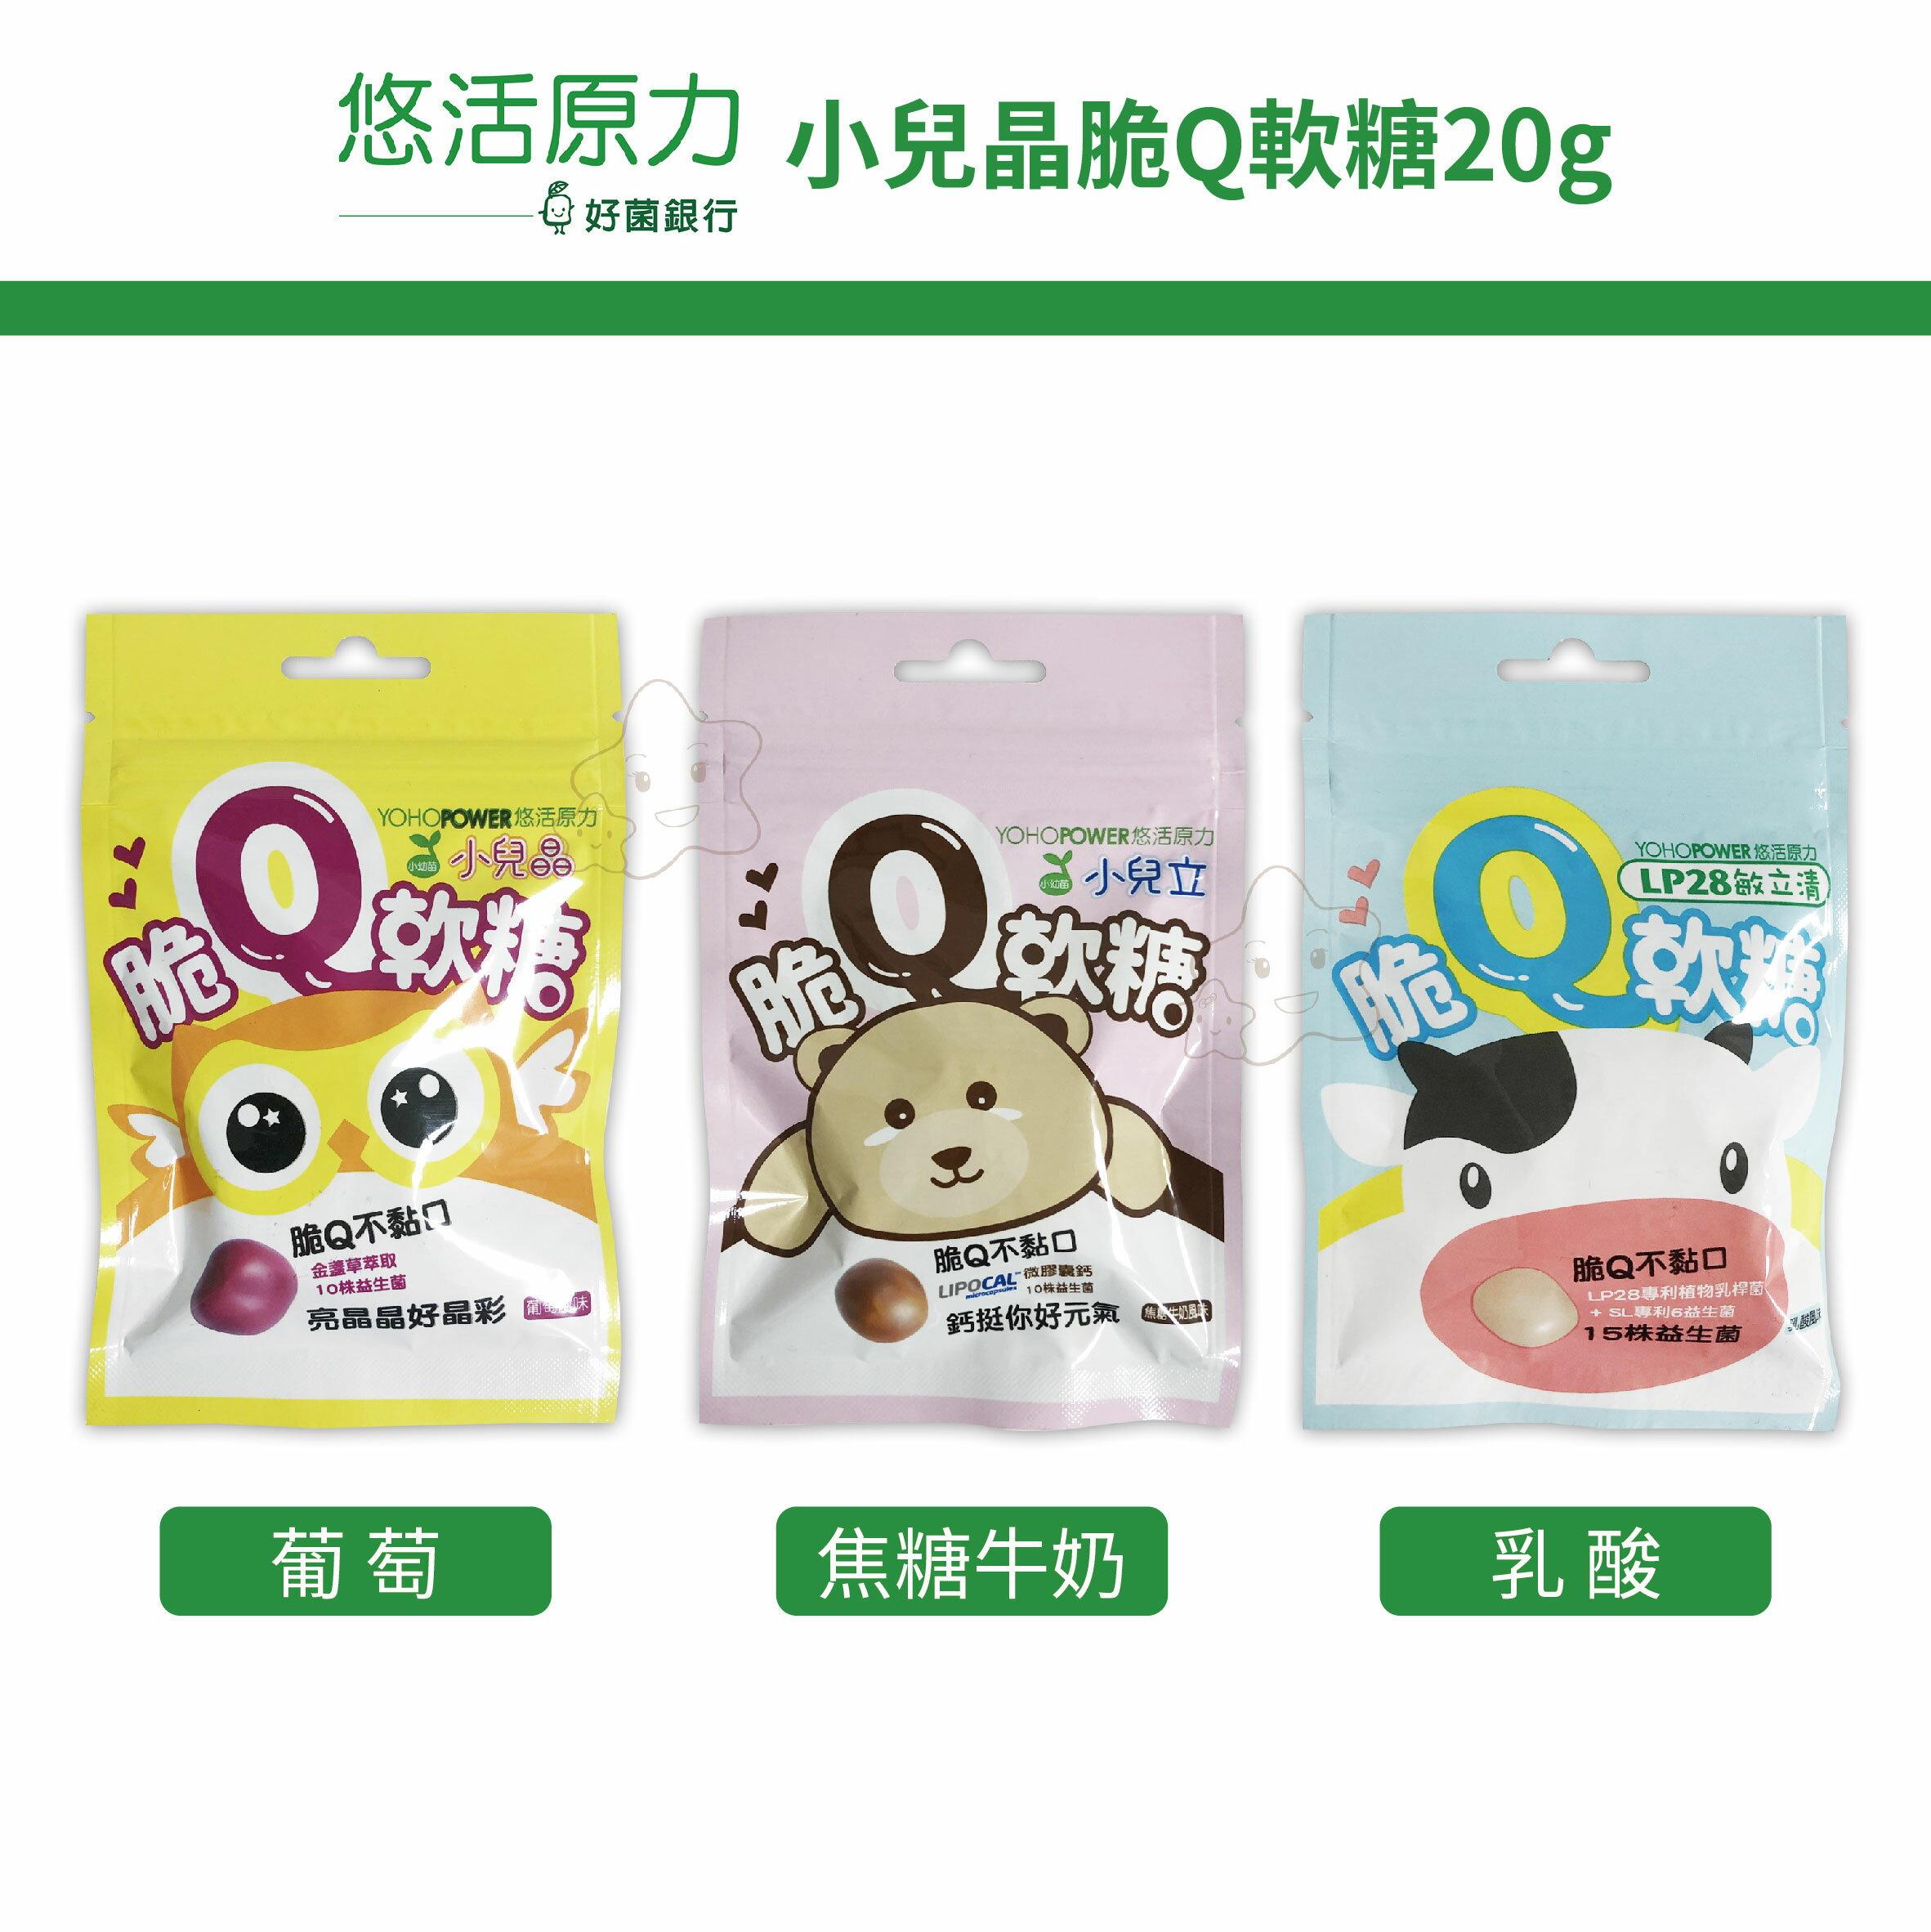 【大成婦嬰】悠活原力 小兒晶脆Q軟糖/LP28敏立清脆Q軟糖/小兒立脆Q軟糖